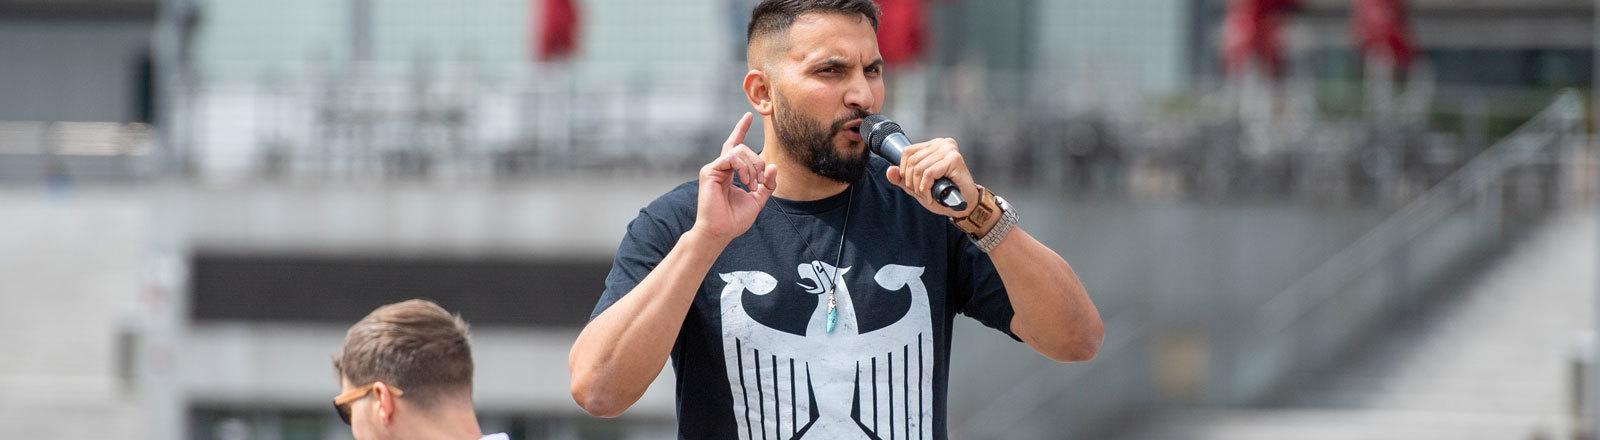 Mann mit Reichsadler auf dem Shirt